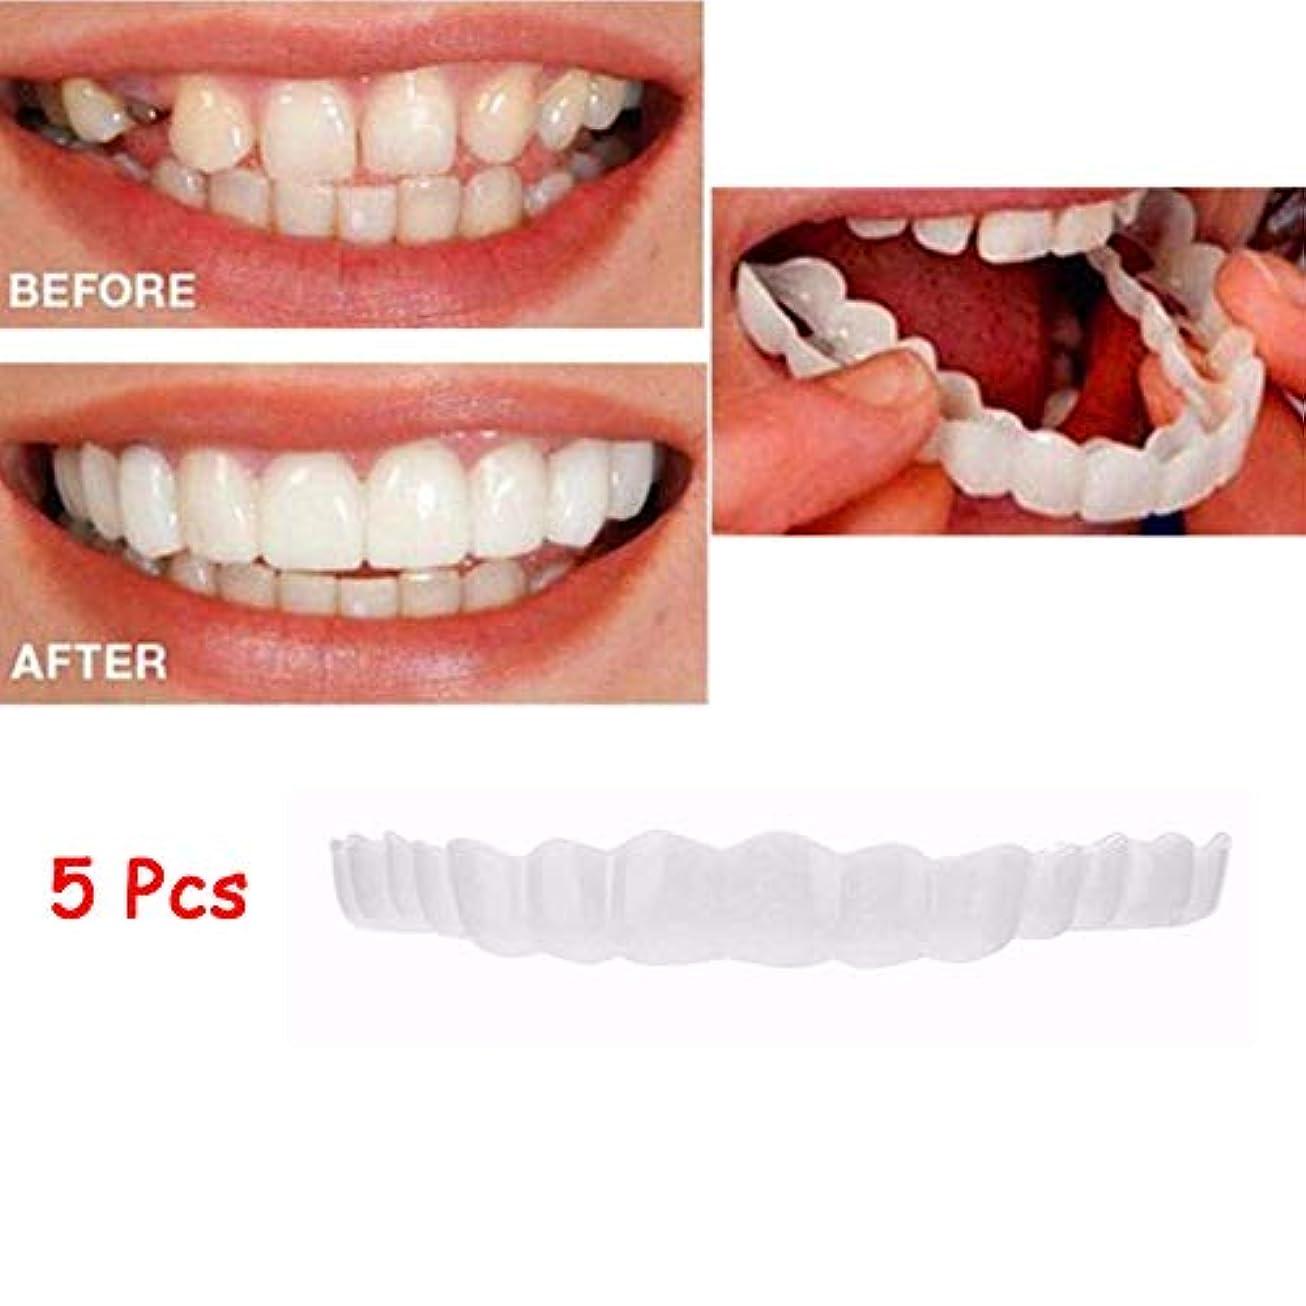 モンスター舌医薬品5本突き板、化粧品の歯 - 一時的な笑顔の快適さフレックス歯のベニー